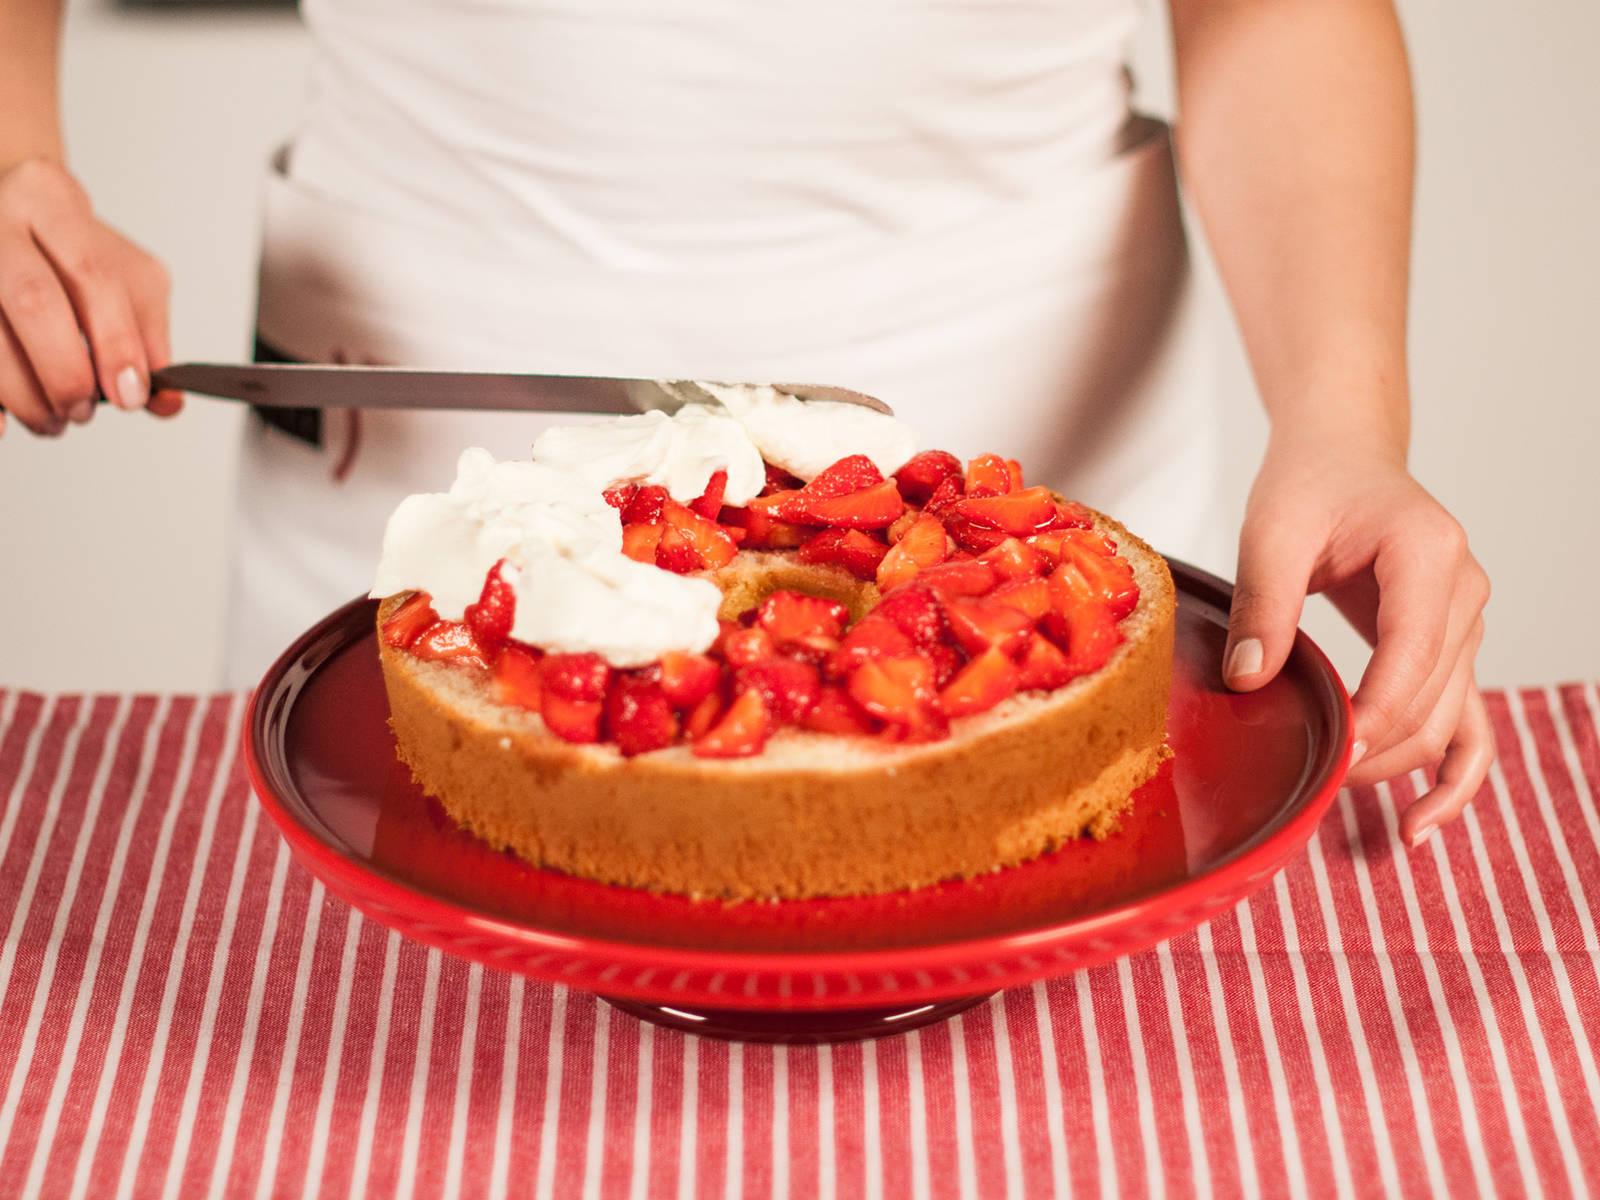 Den Kuchenboden auf einer Servierplatte anrichten. Mit der Hälfte der Erdbeeren belegen und mit Zitronensaft beträufeln. Die Sahne auf den Beeren verteilen und den nächsten Kuchenboden darauf platzieren.